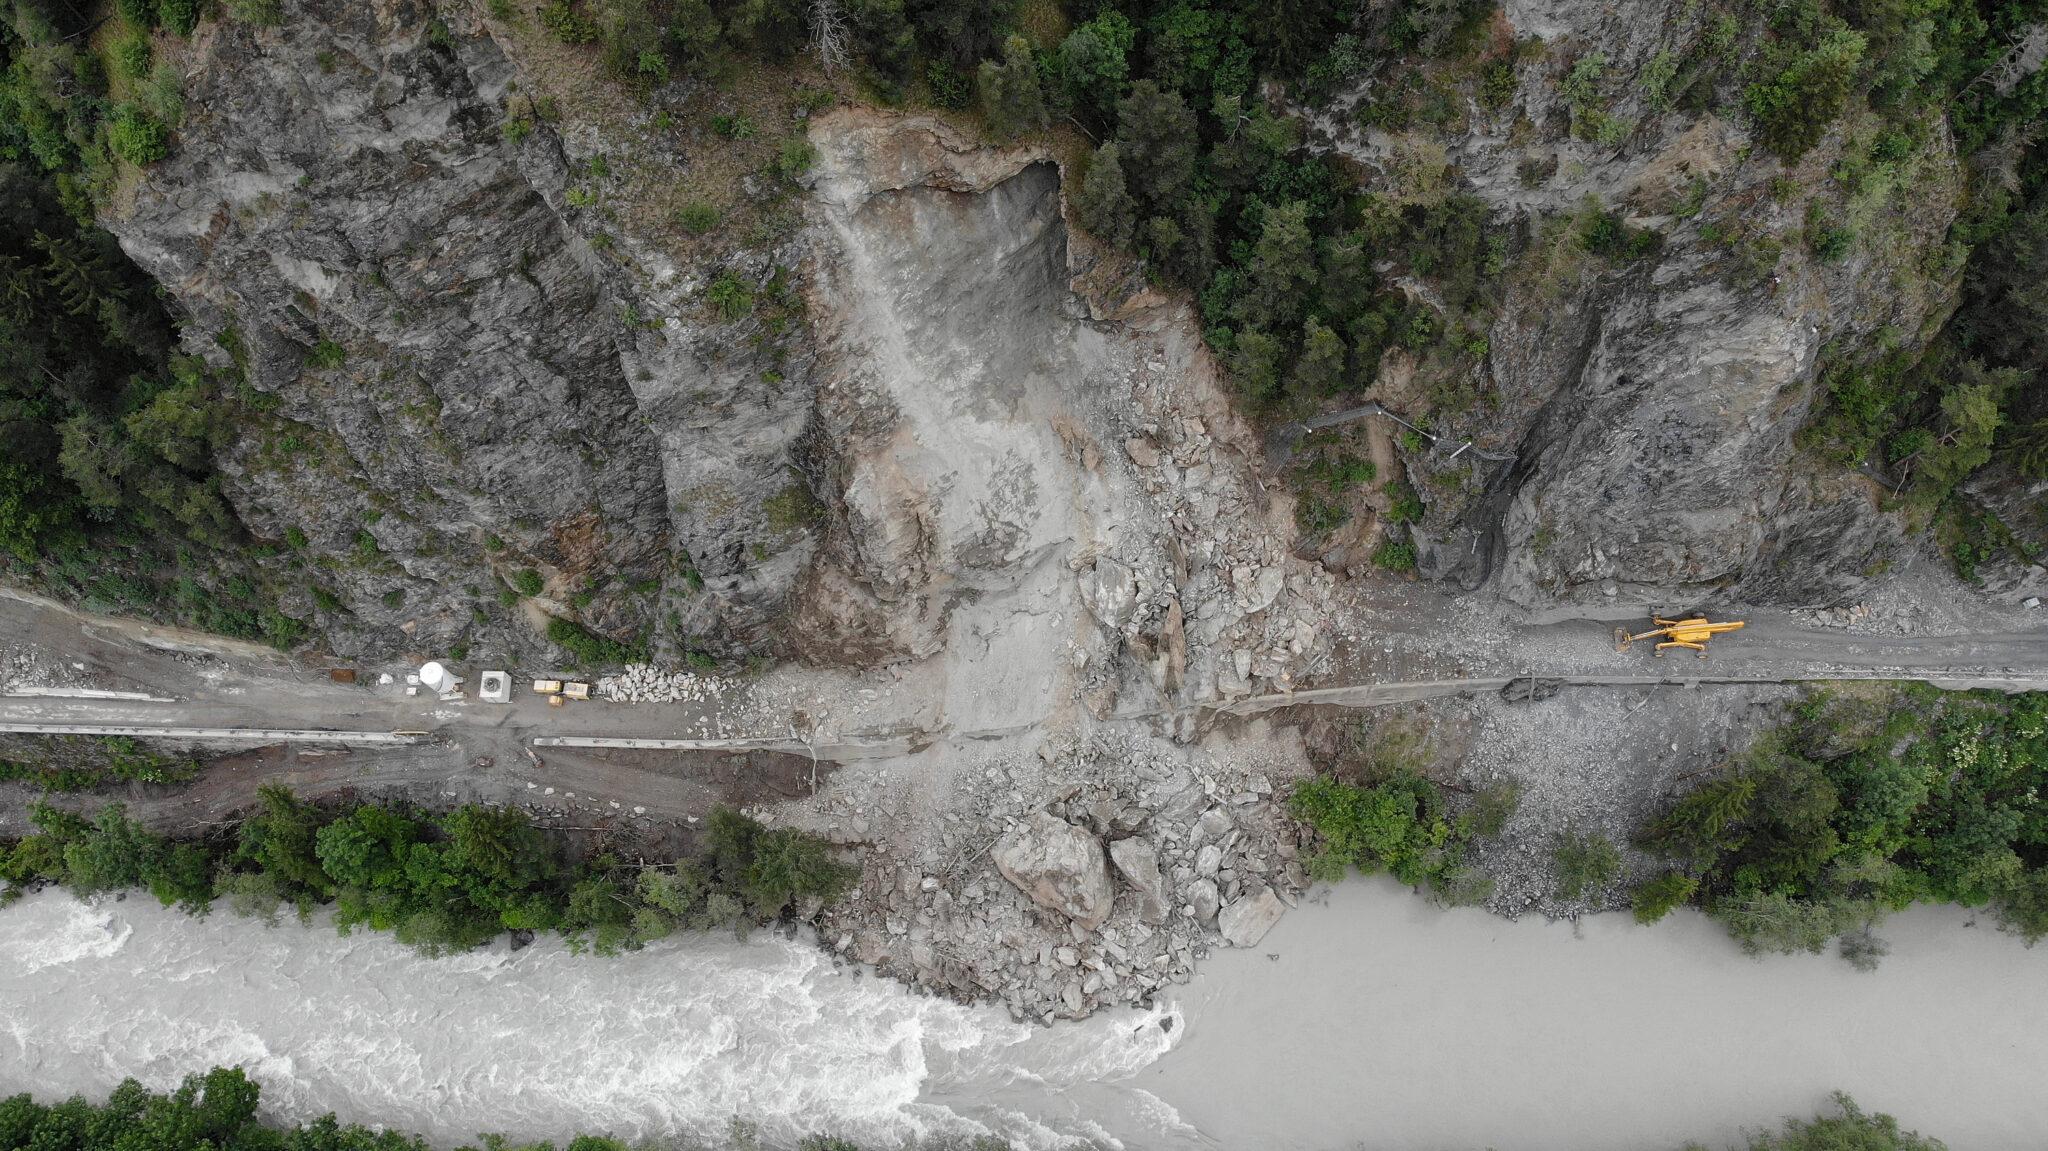 08.06.2020 - Felsnase auf die Baustelle L 76 gestürzt